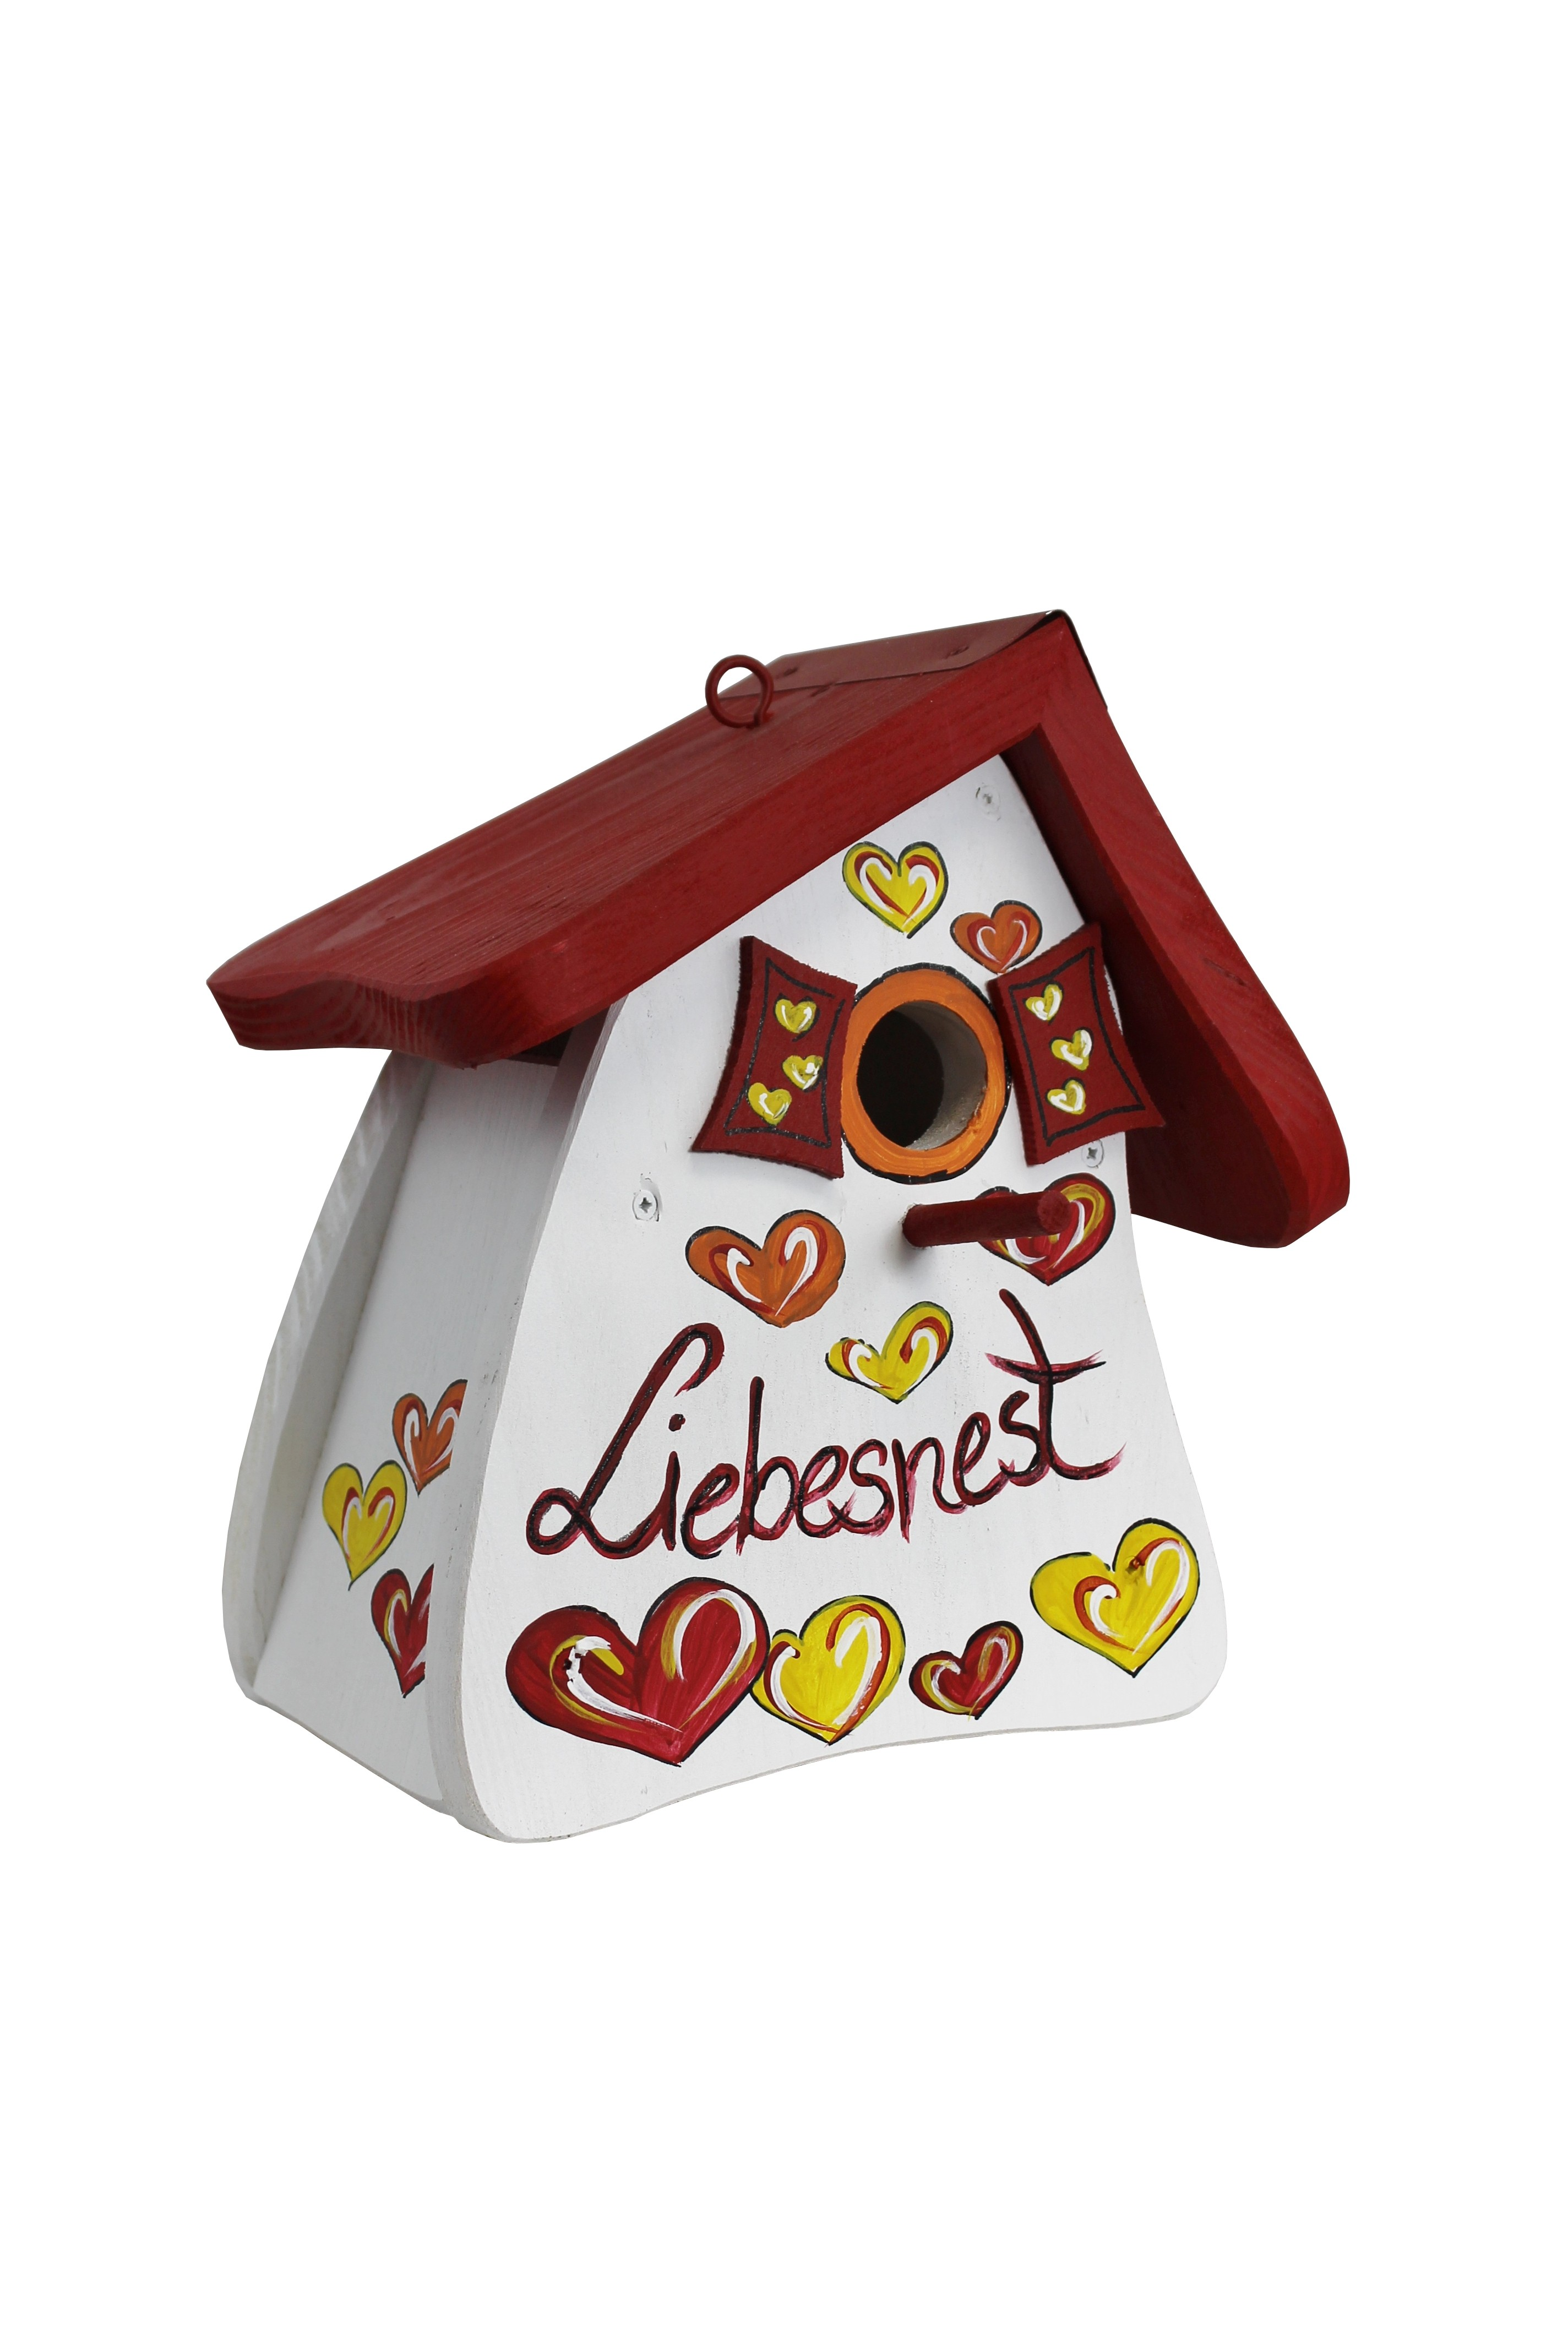 Liebesnest Herzen weiß Nistmini von Die Vogelvilla